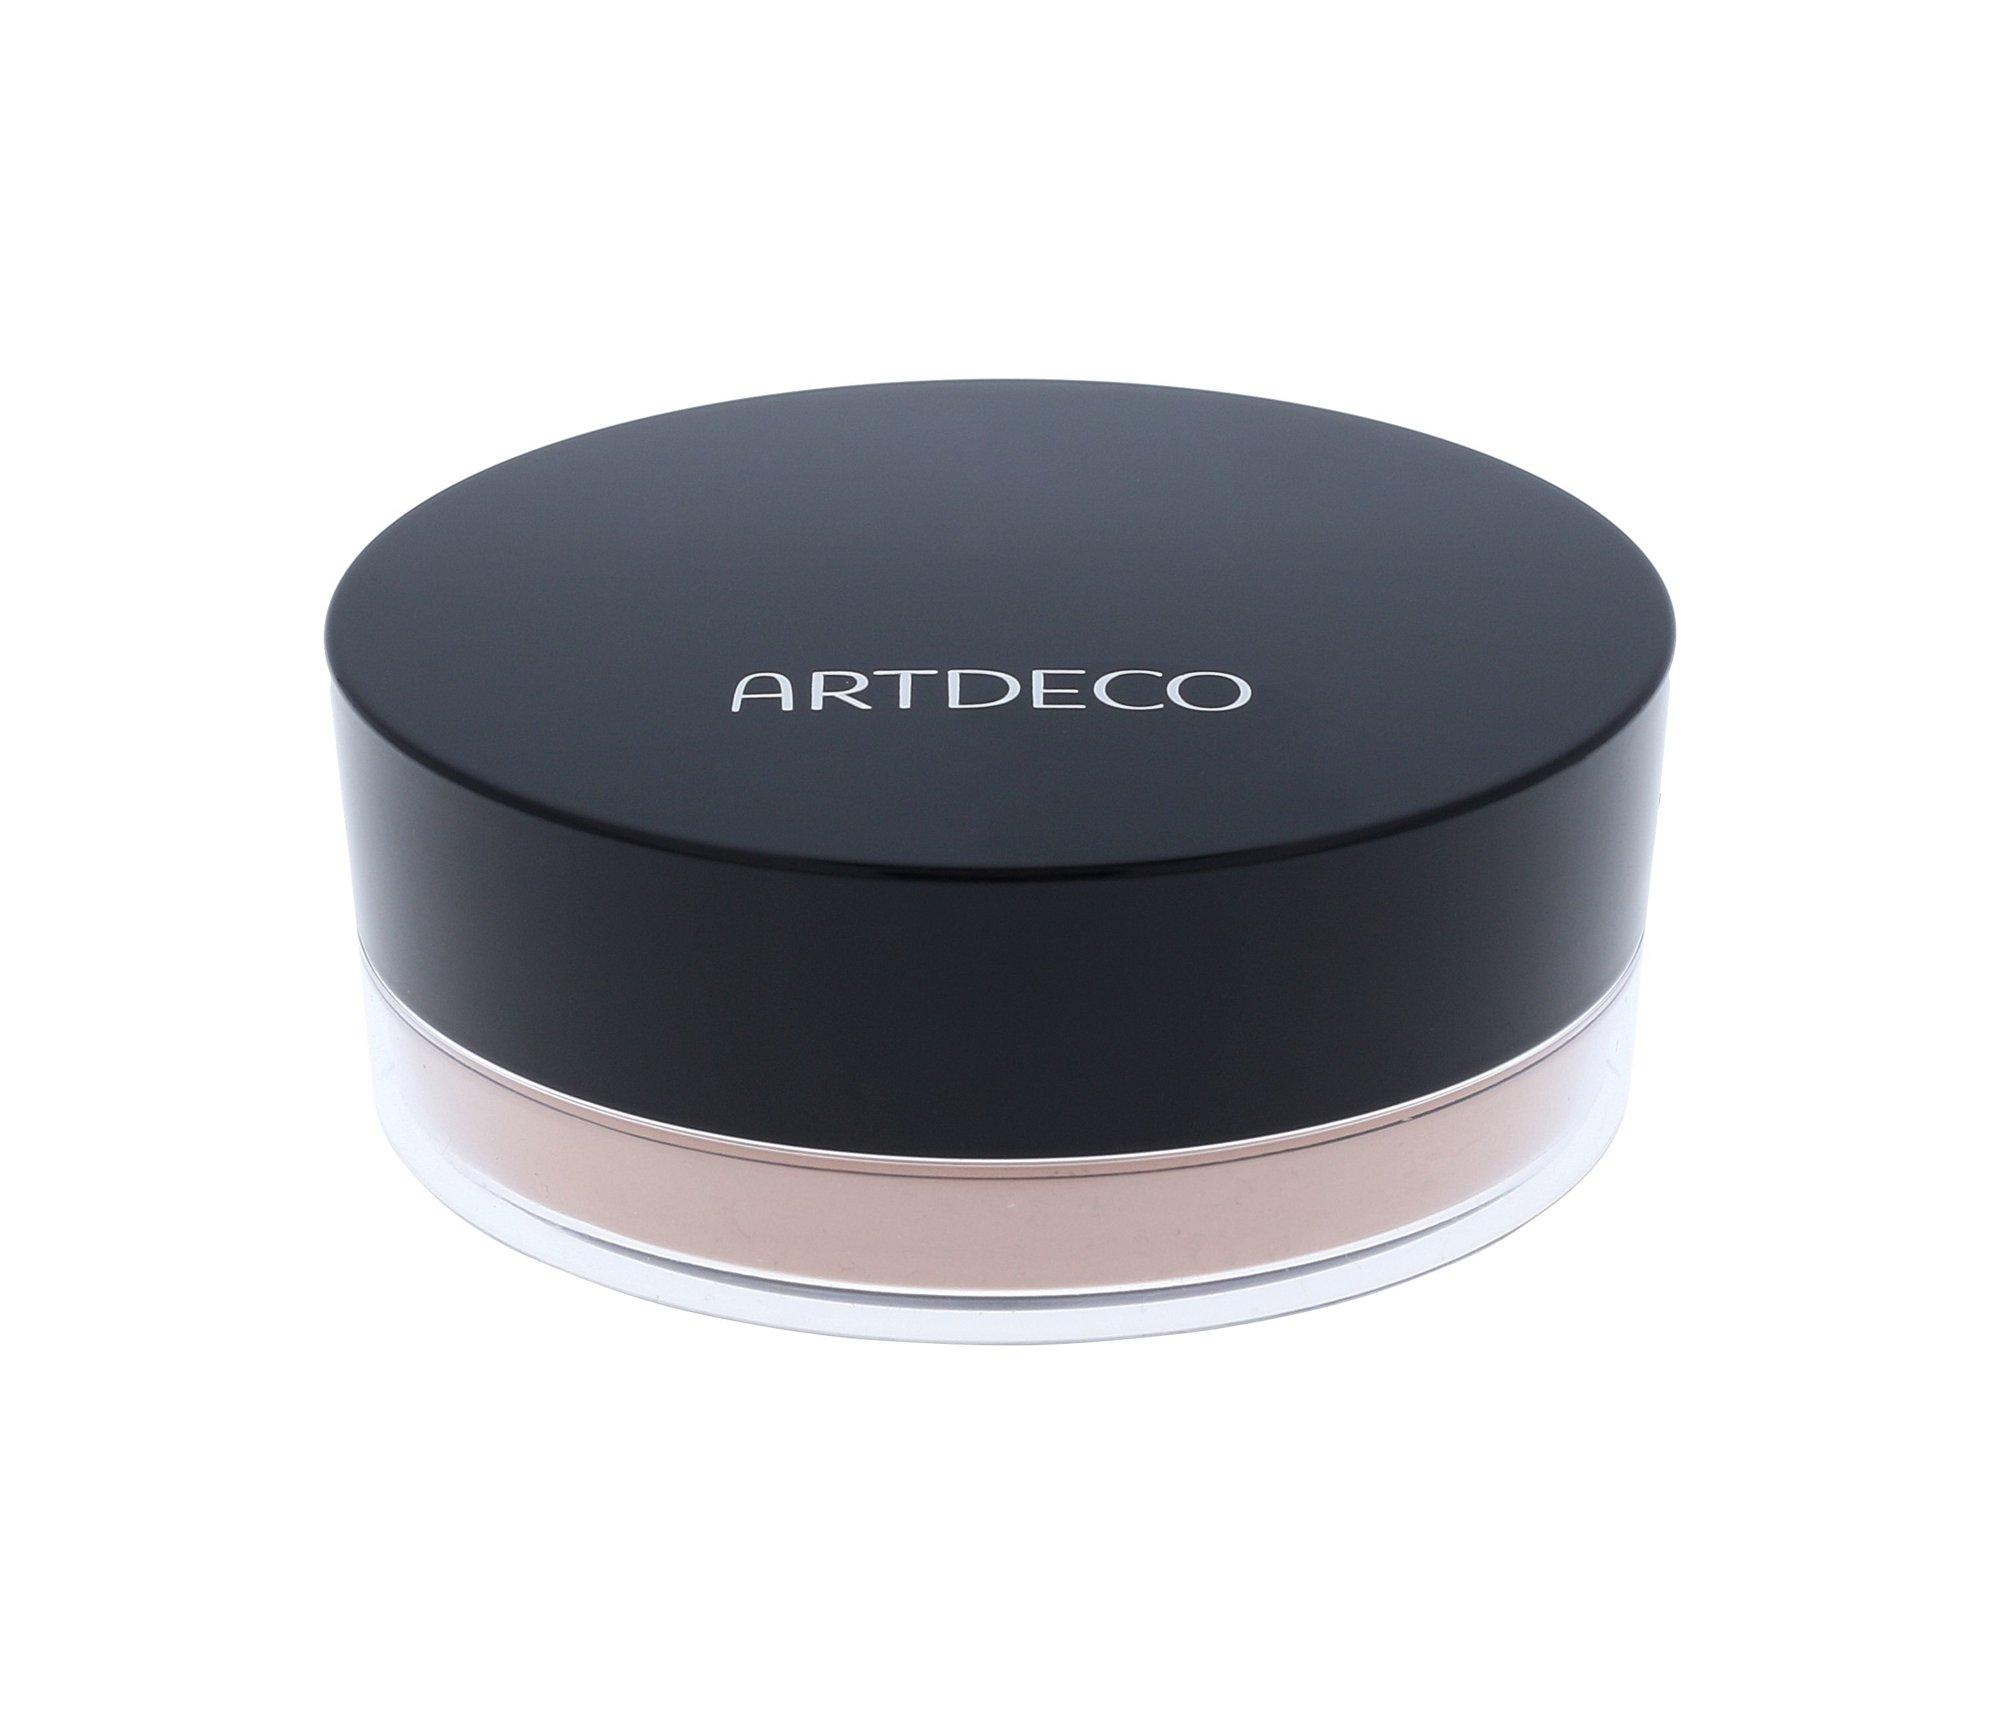 Artdeco High Definition Powder 8ml 6 Soft Fawn